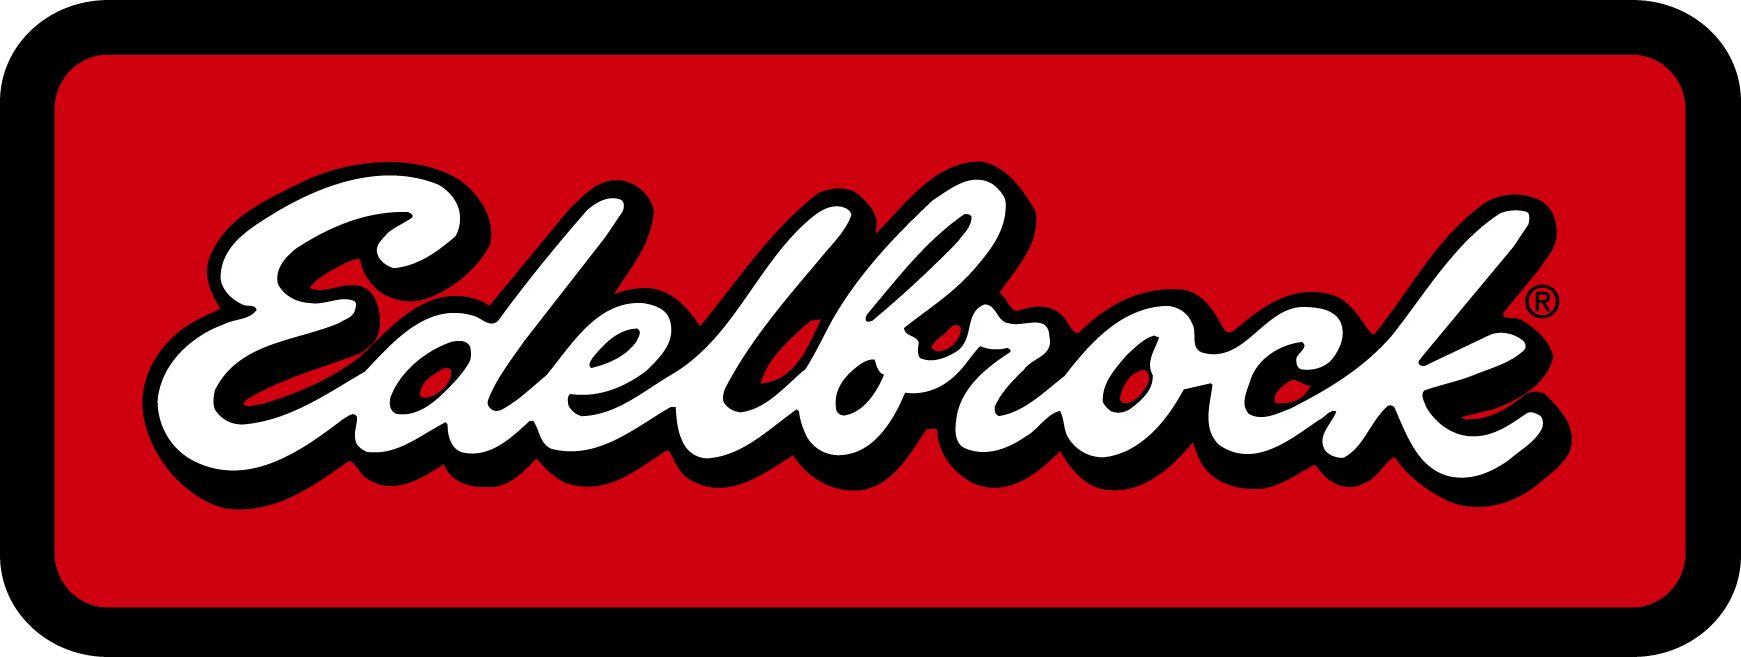 Pin De Carlos Cortez En Automotive Calcomanias Para Coches Pegatinas Para Coches Emblema De Ford